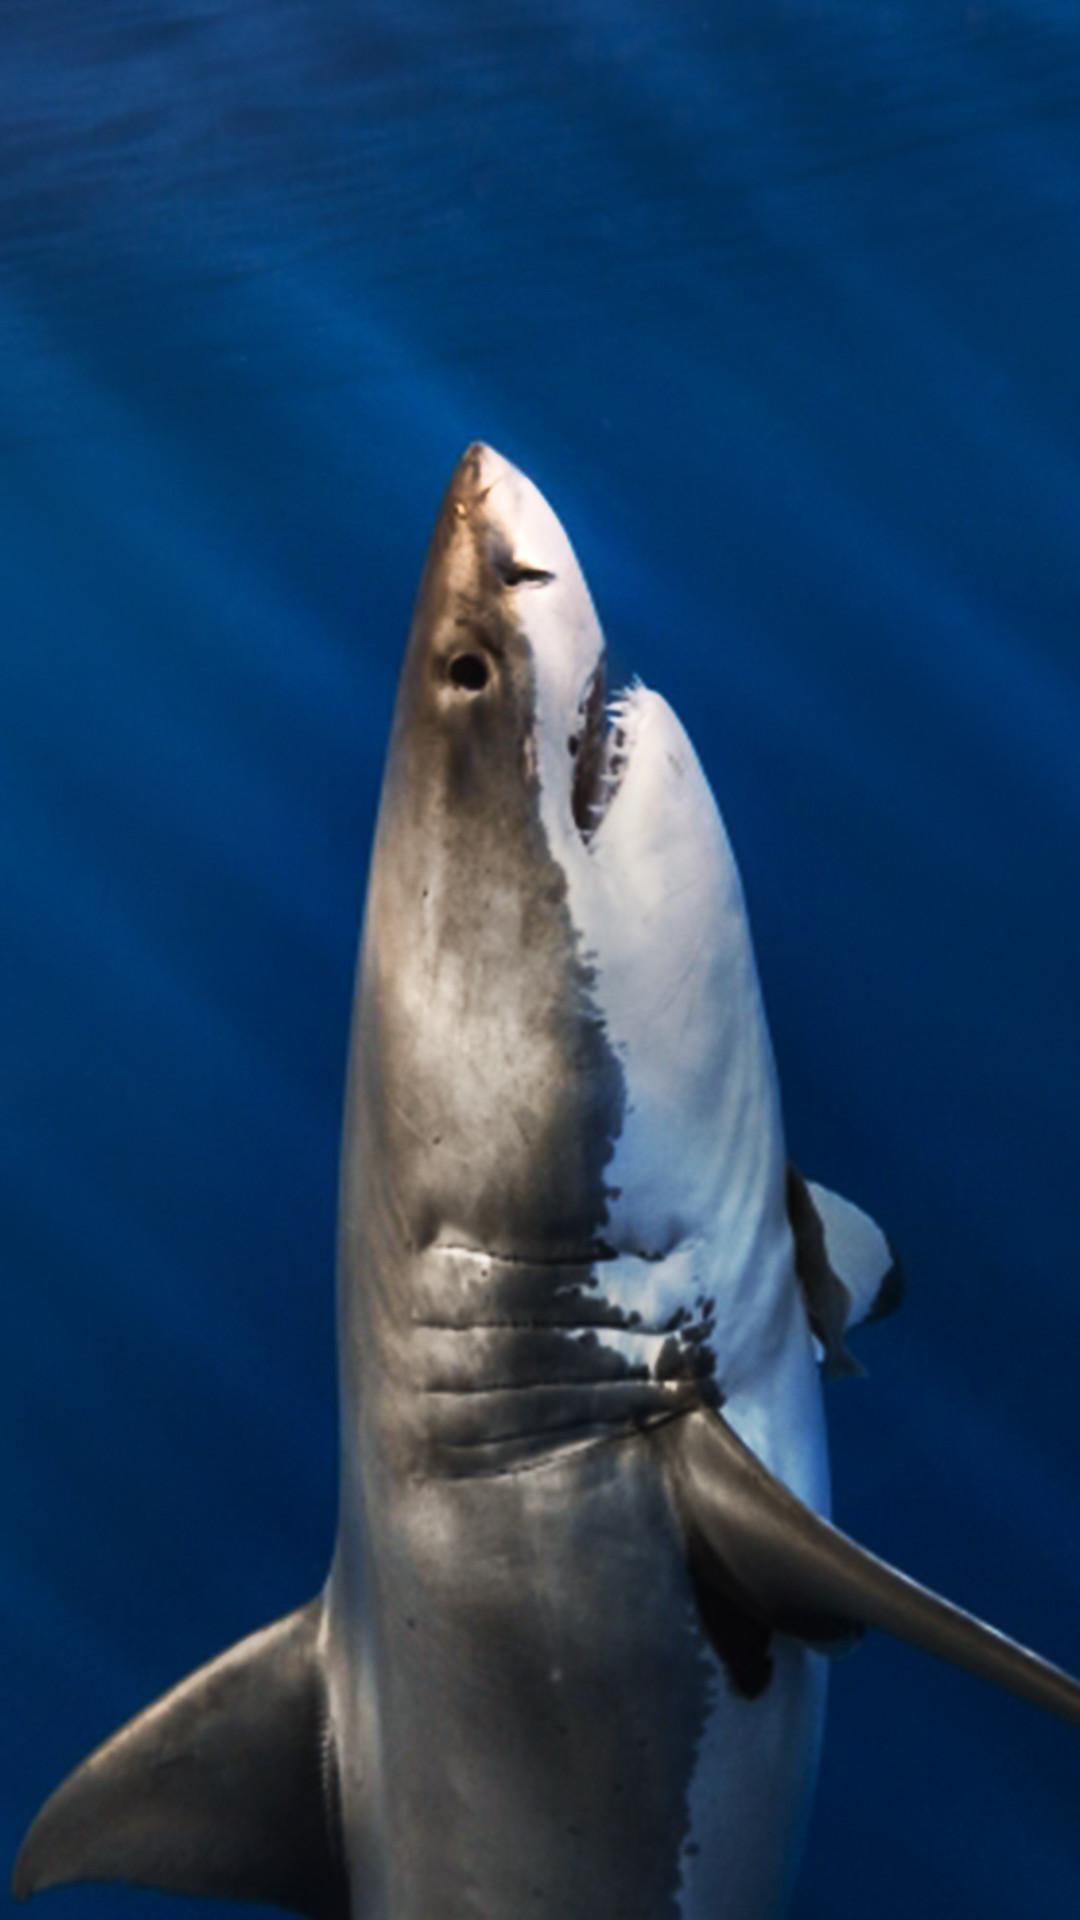 профессиональные обои на телефон акулы вертикальные передней стороны машинки